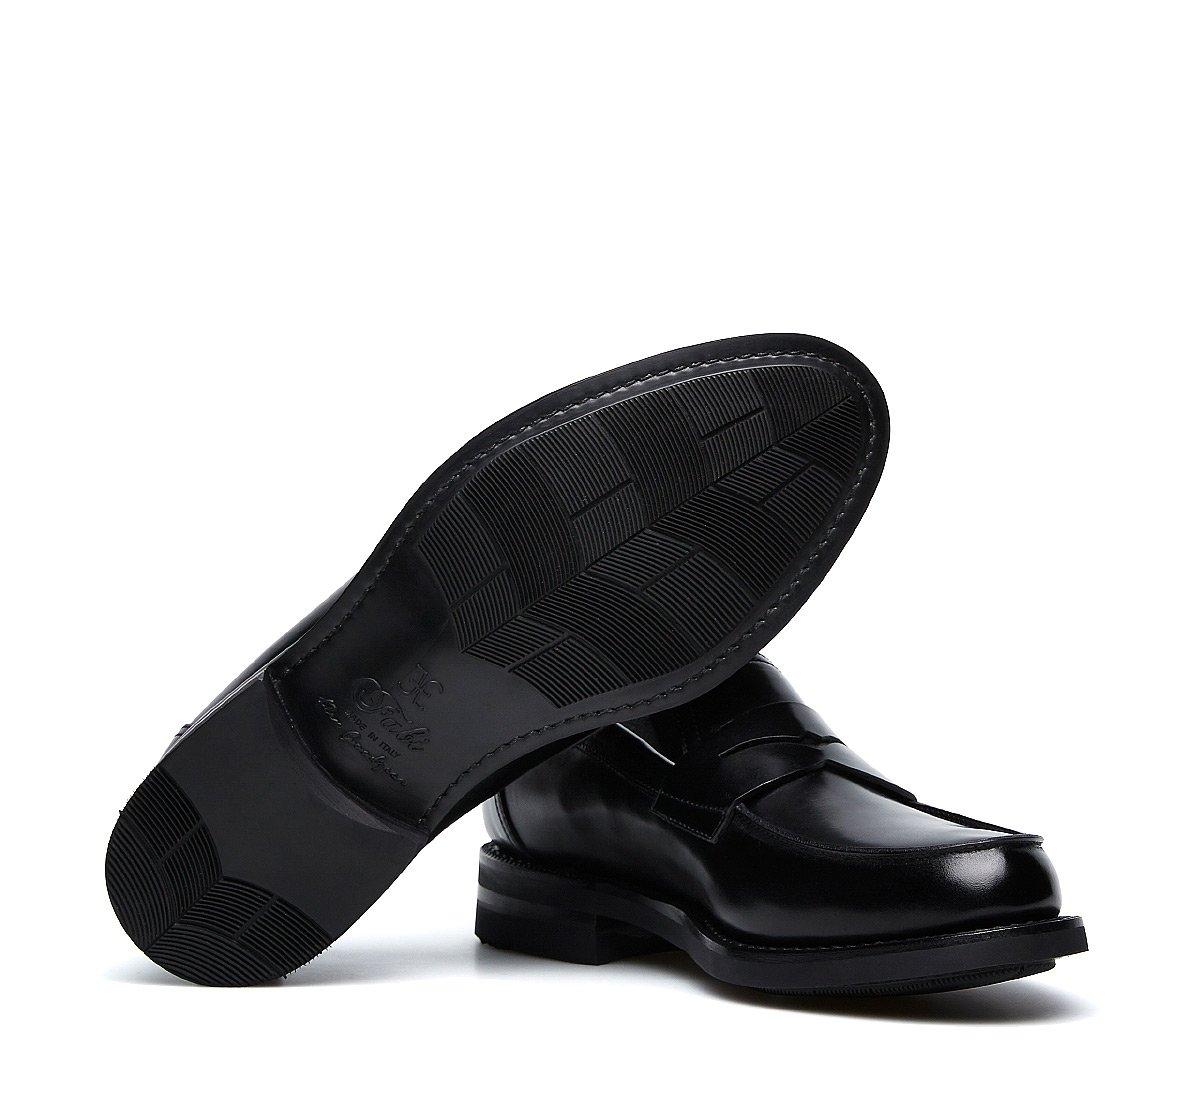 Flex Goodyear moccasins in exquisite calfskin